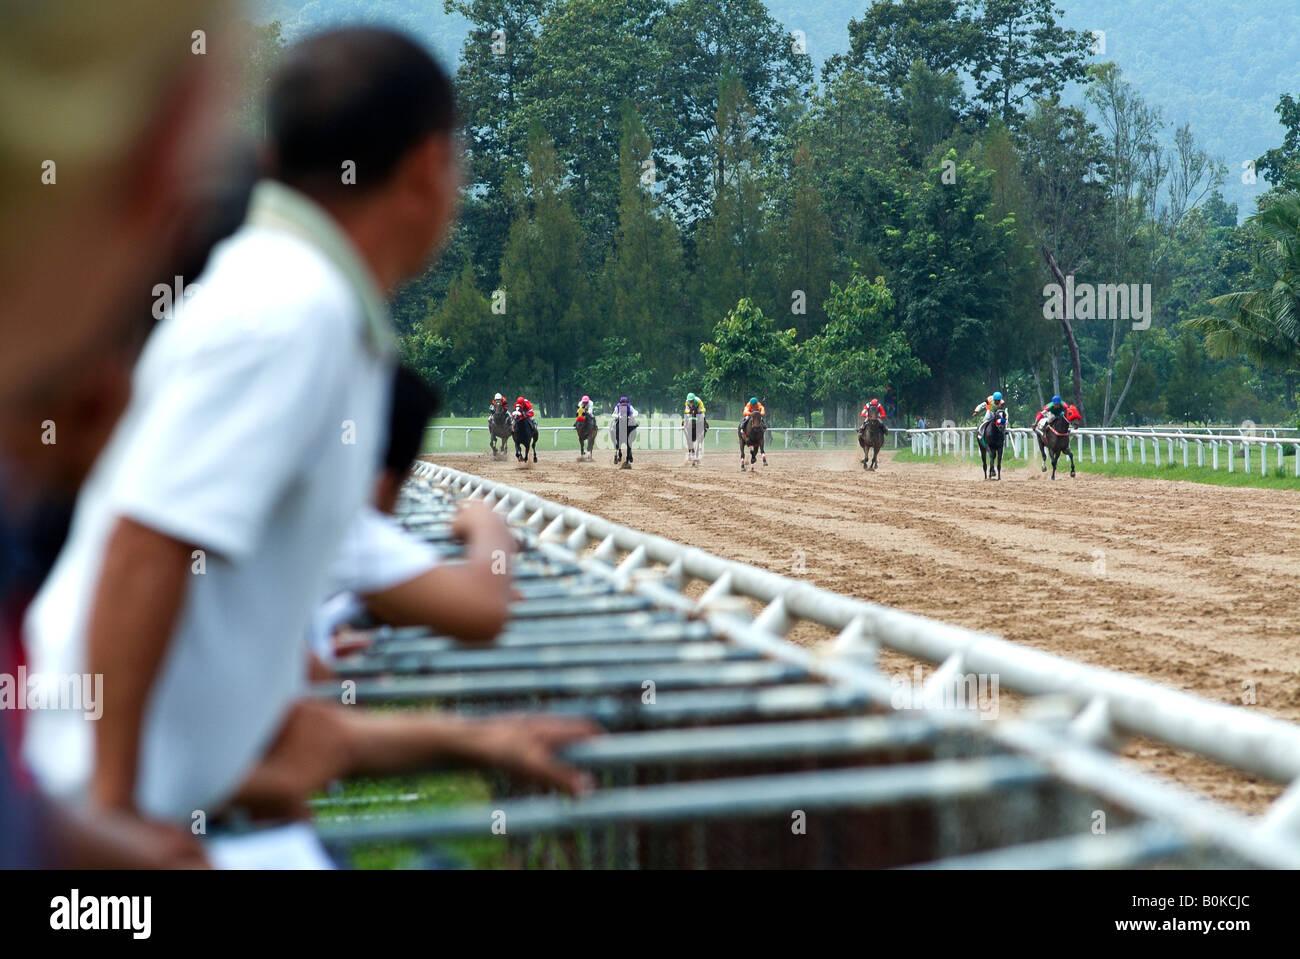 Los espectadores cheer durante una carrera de caballos en la pista en Chiang Mai, Tailandia. Foto de stock